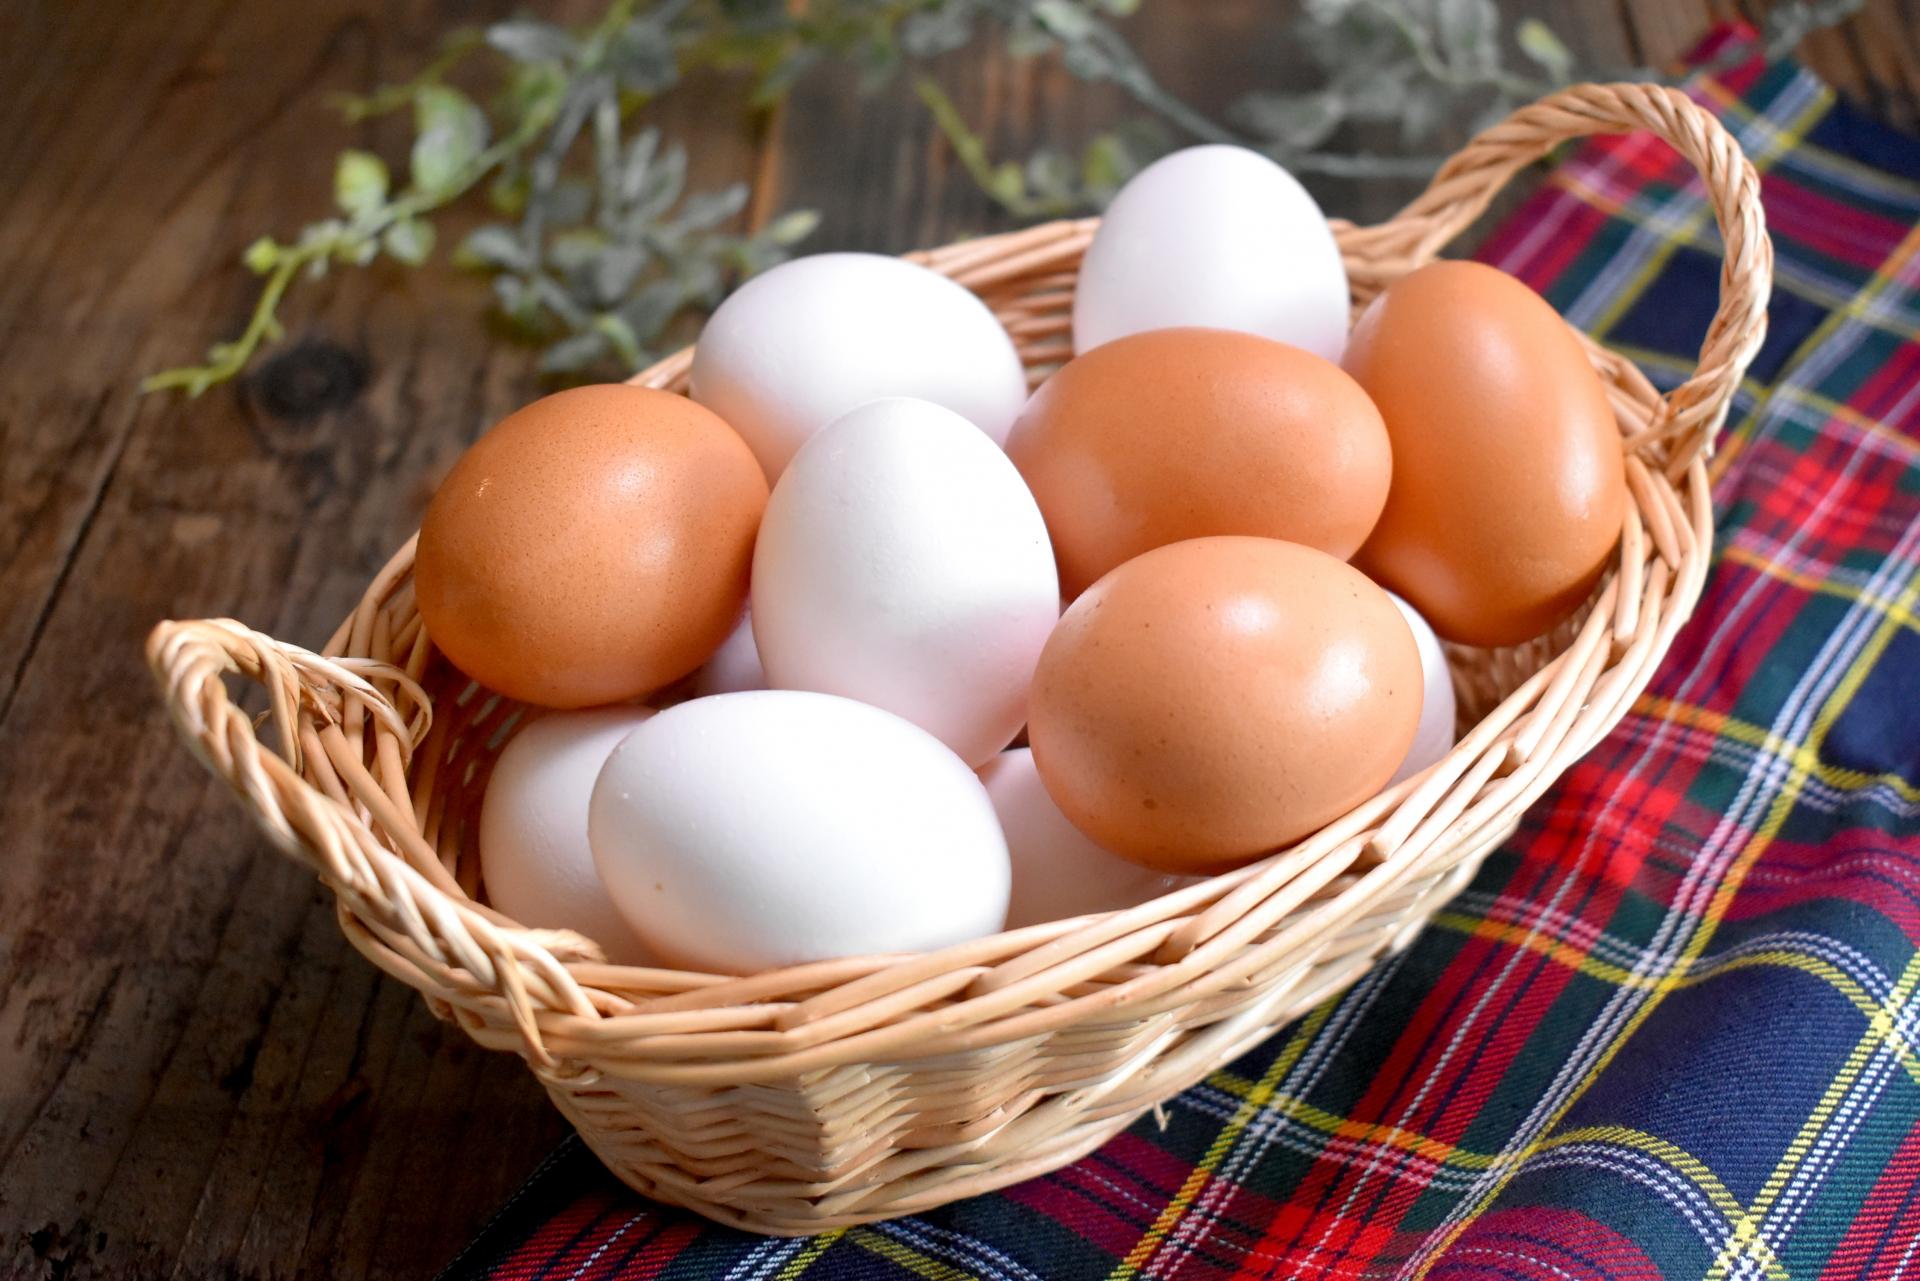 卵の賞味期限っていつ?調理方法別の期限と正しい保存方法3つ徹底解説!